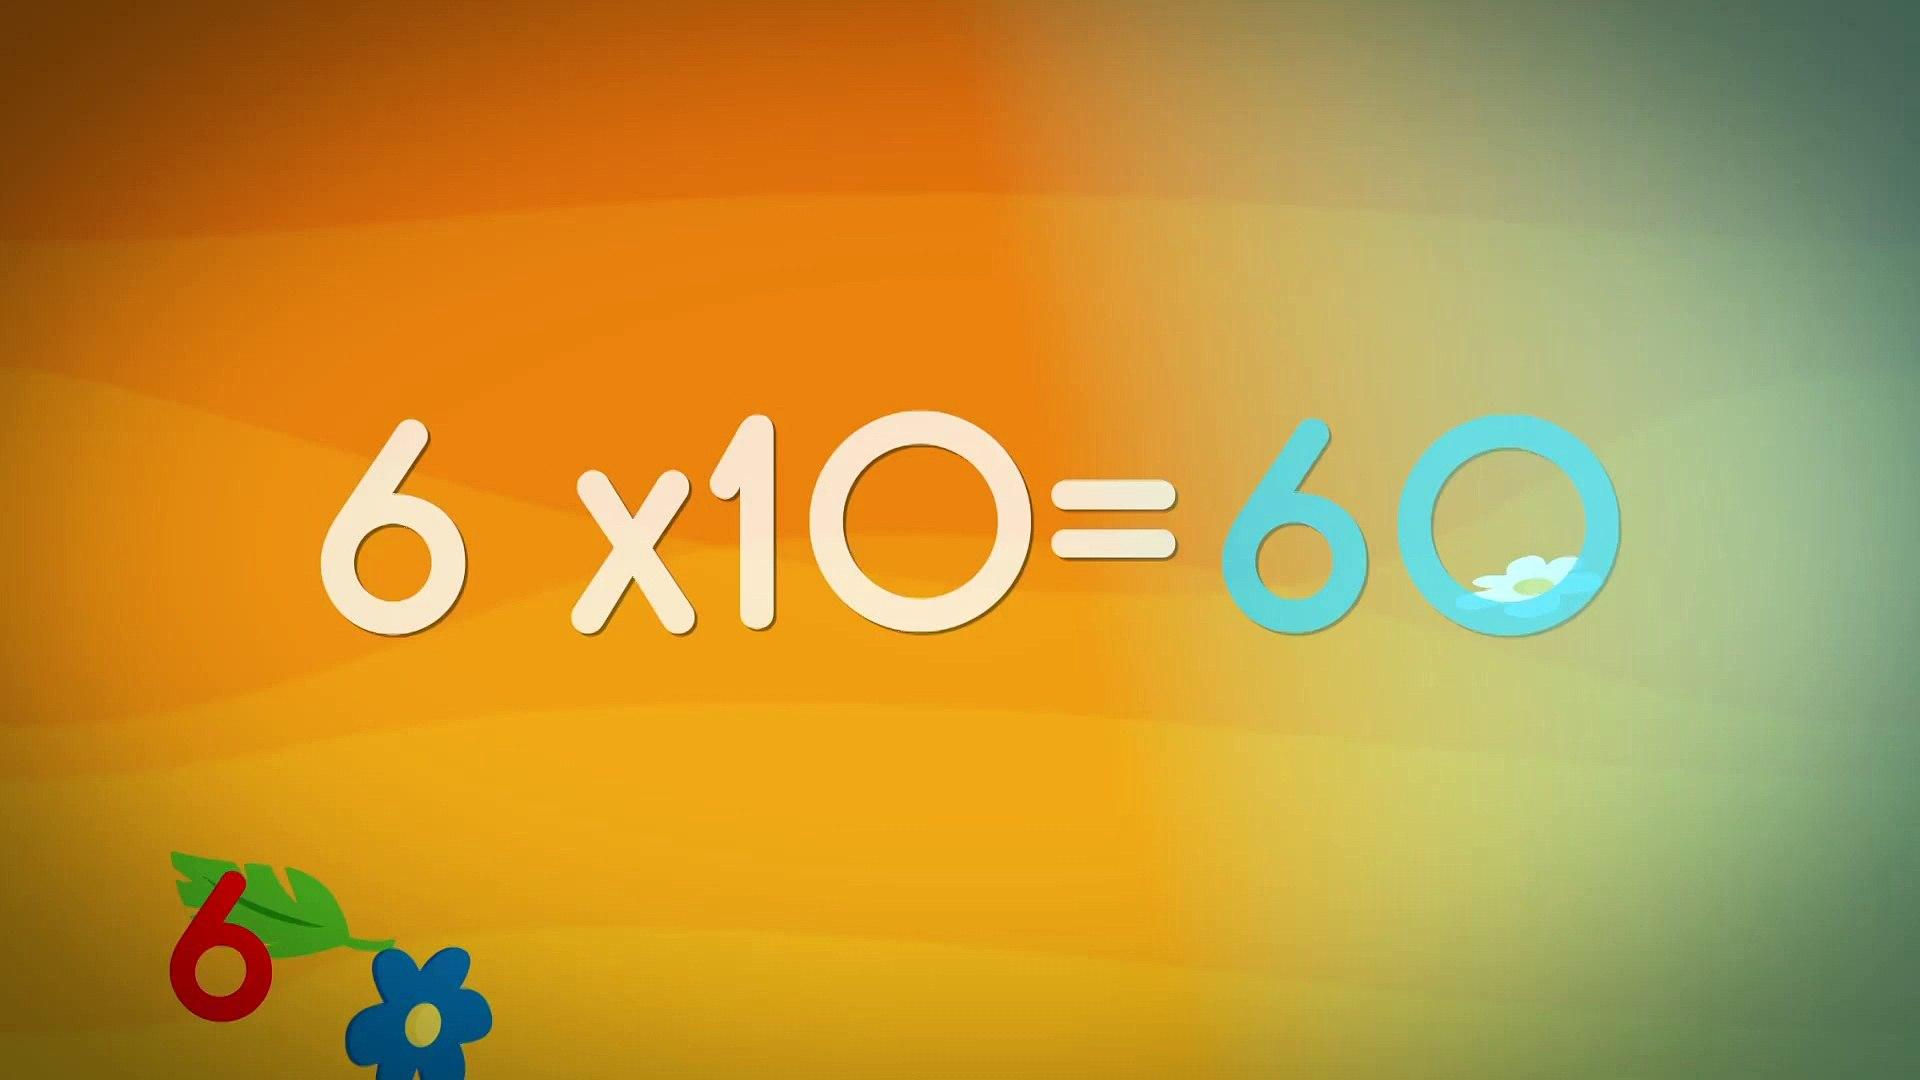 Comptines pour enfants - La Table de 10 (apprendre les tables de  multiplication)